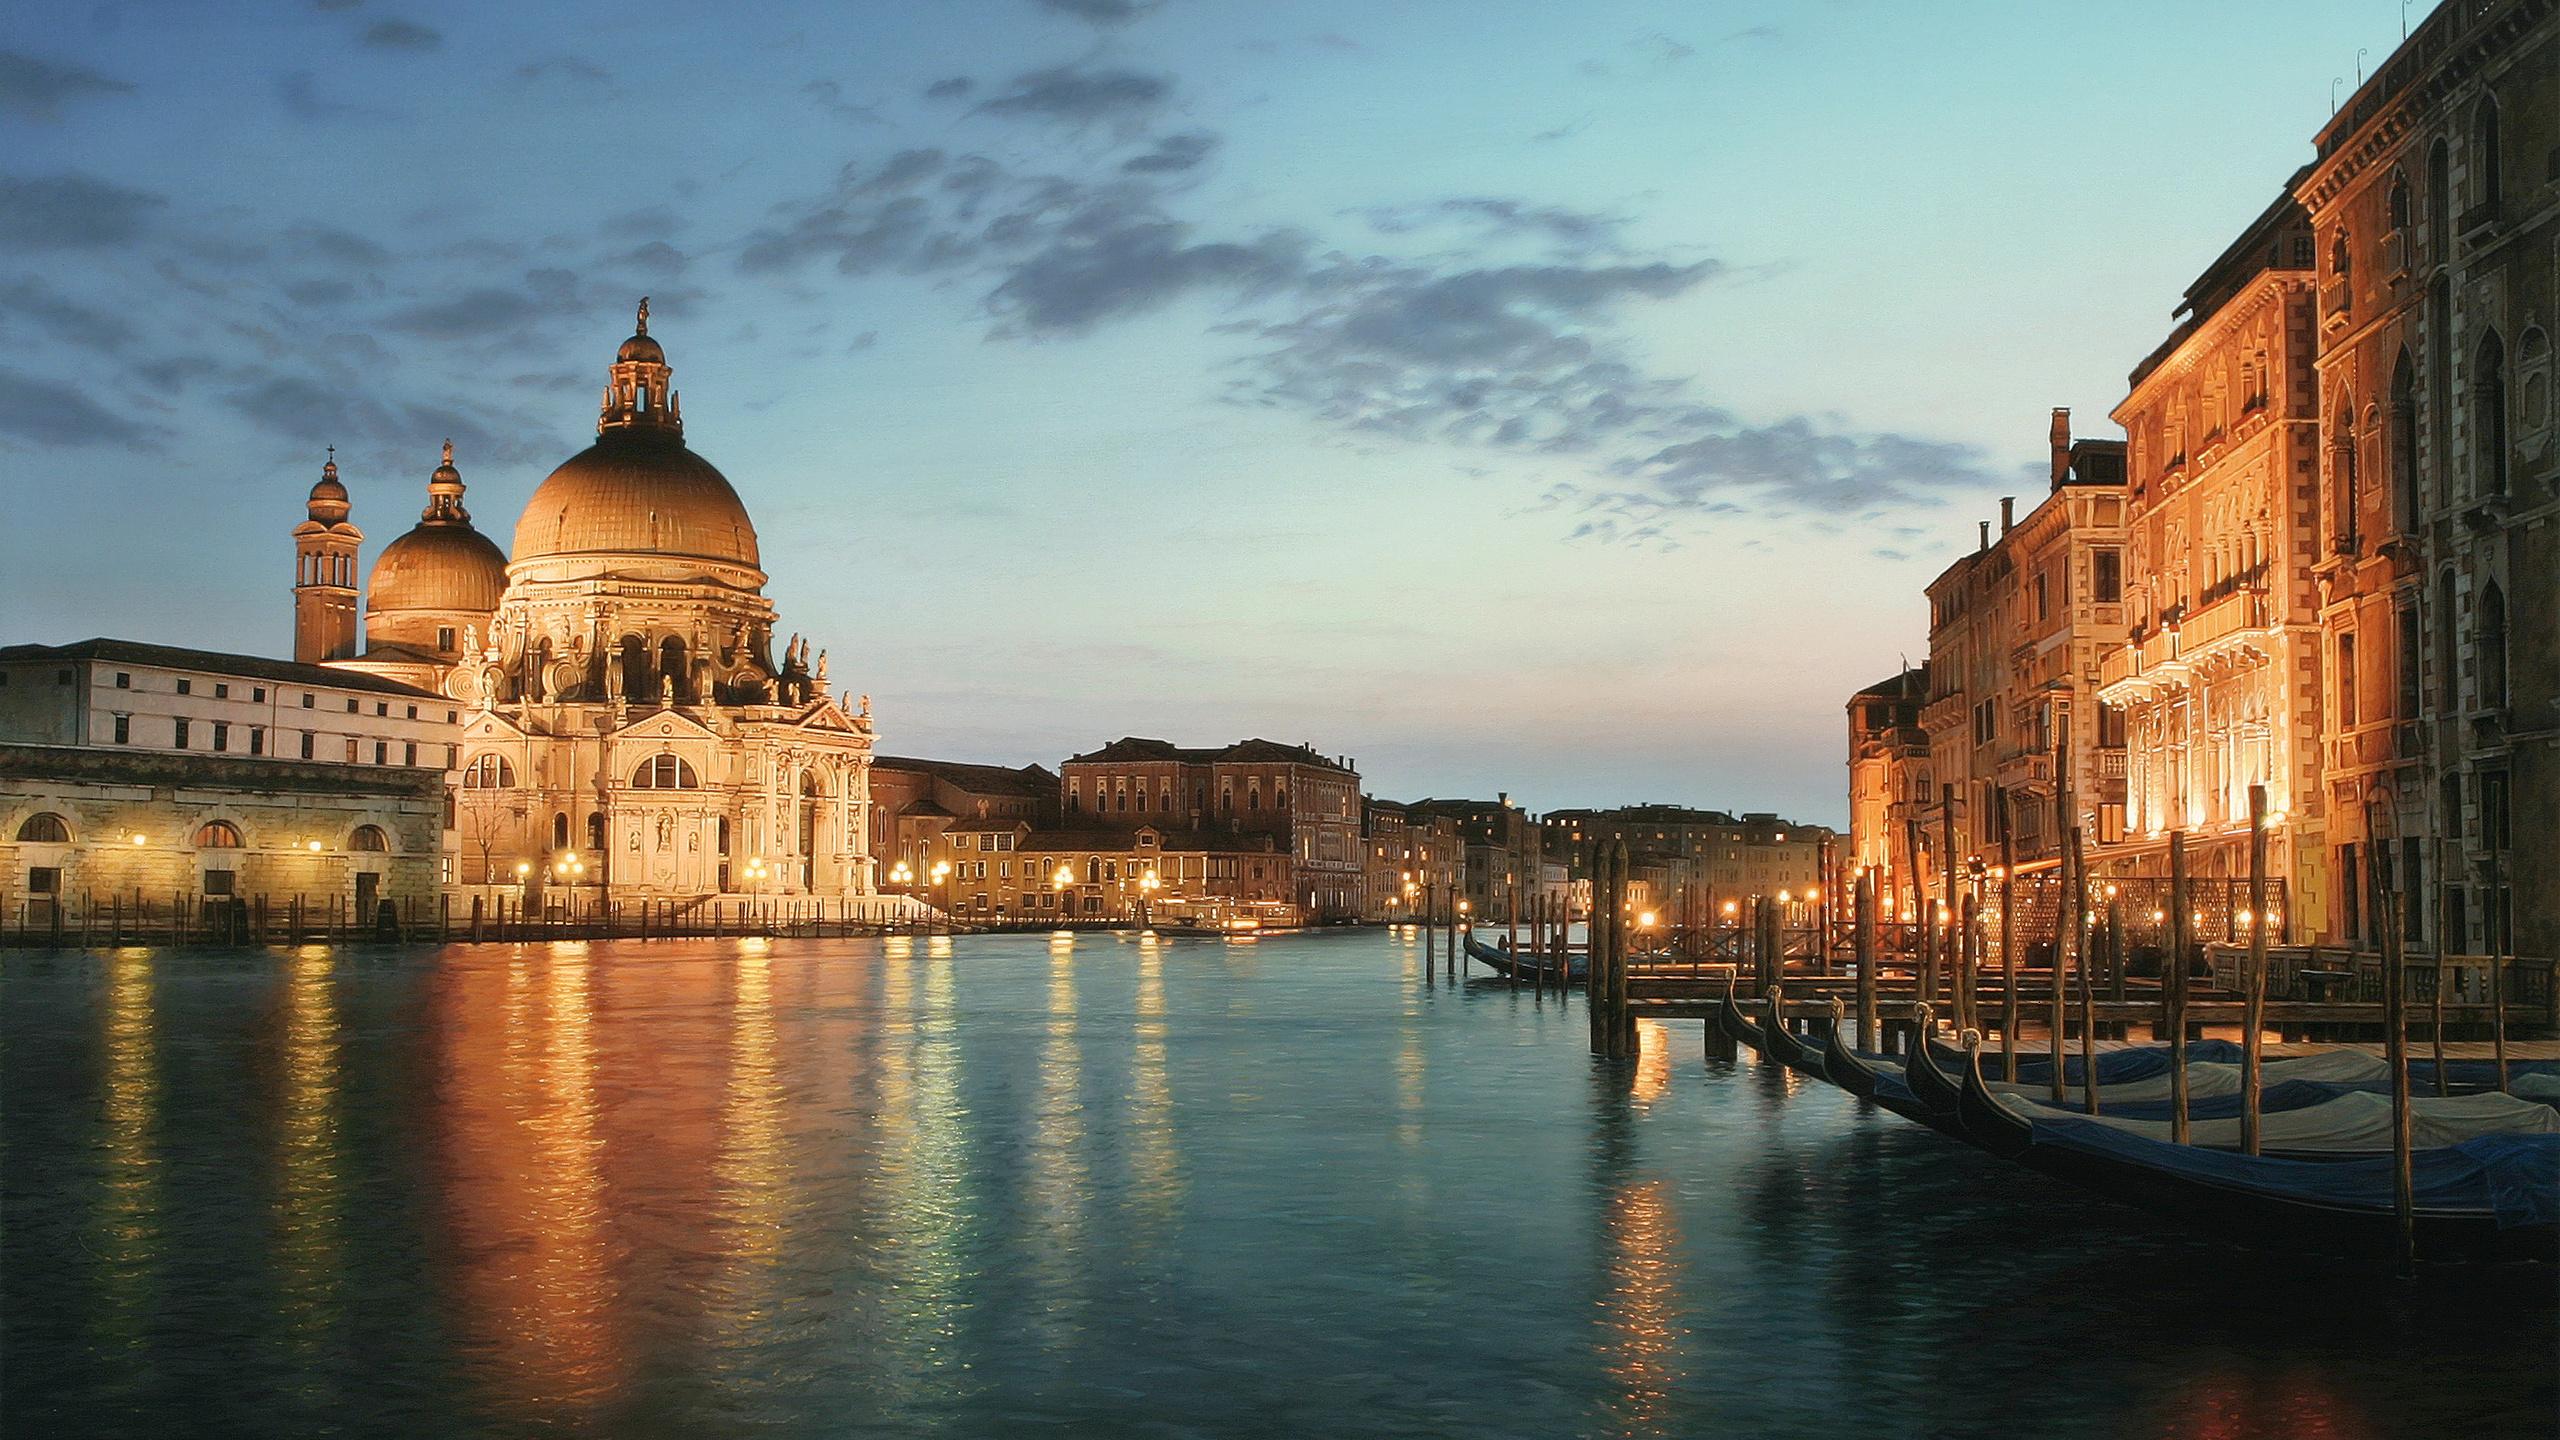 Картинки хорошего качества венеция